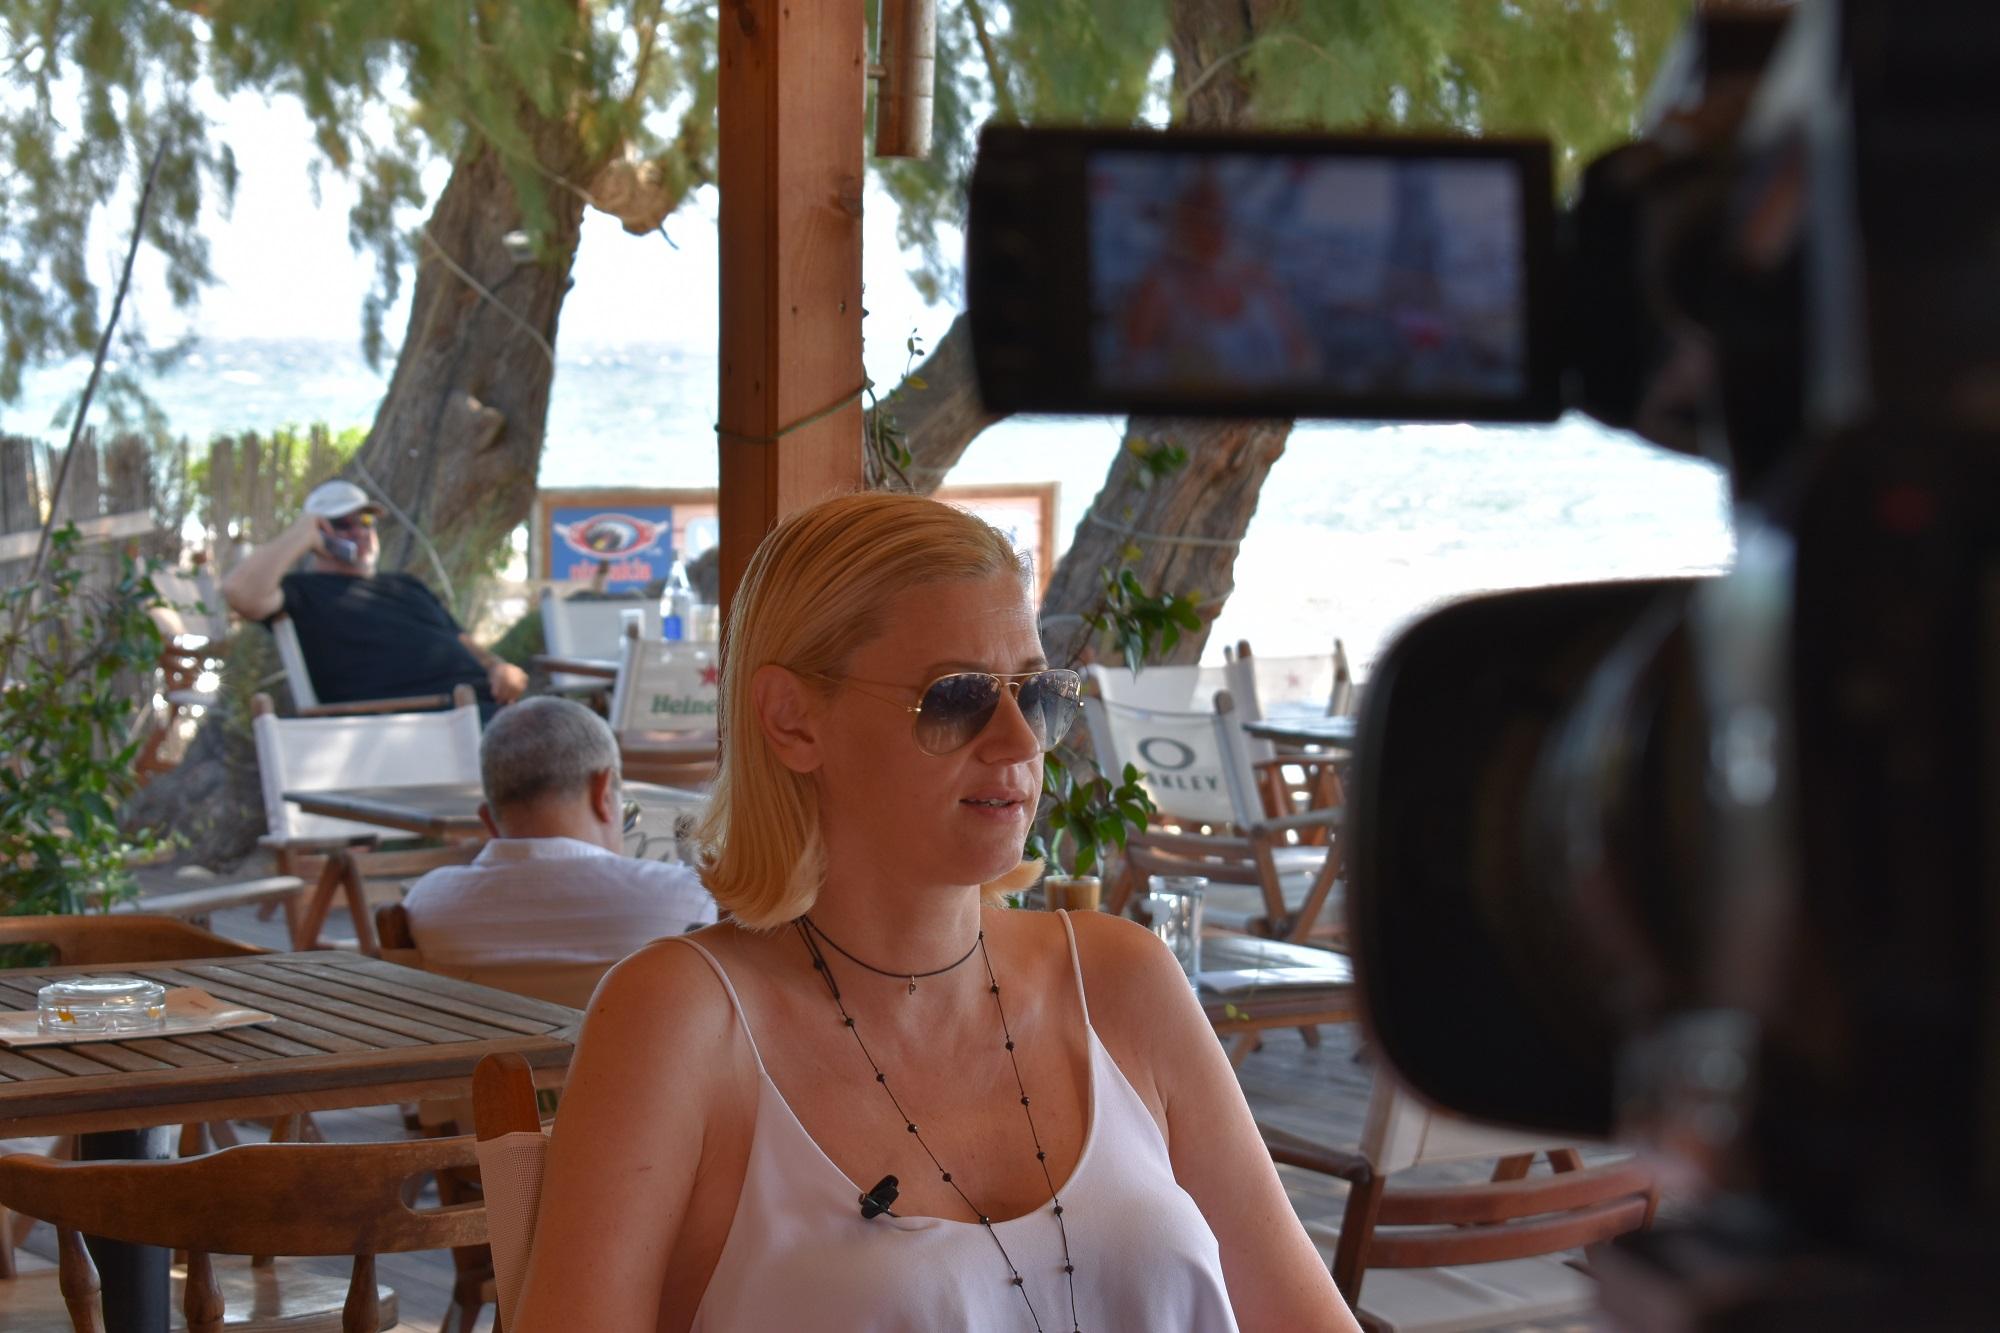 Συνέντευξη της Ραχήλ Μακρή στην Χριστίνα Λαμπίρη στο κανάλι του Εpsilon | 24.07.2017